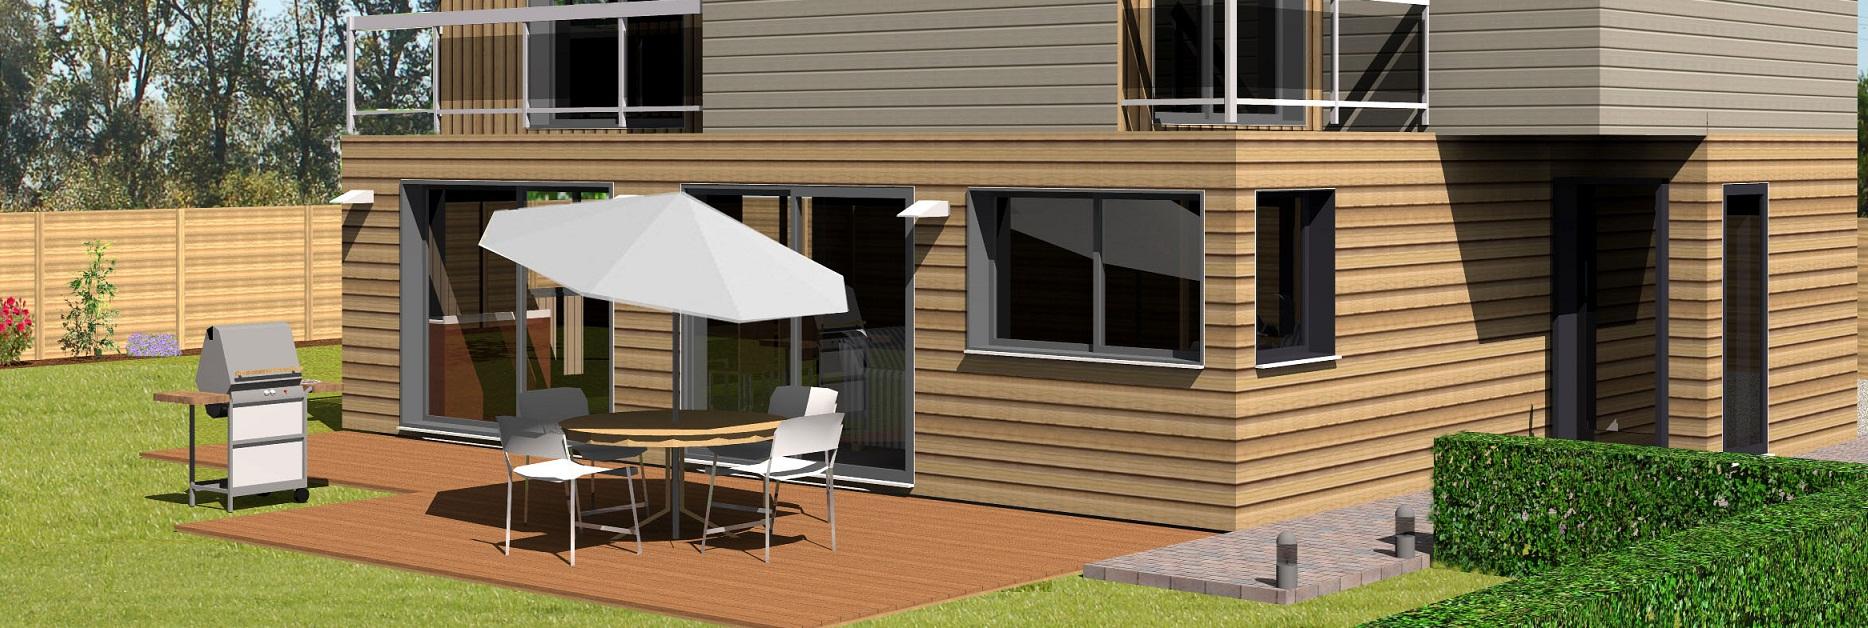 gfh le portail de l 39 immobilier retrouvez toutes les astuces et id es de d co. Black Bedroom Furniture Sets. Home Design Ideas